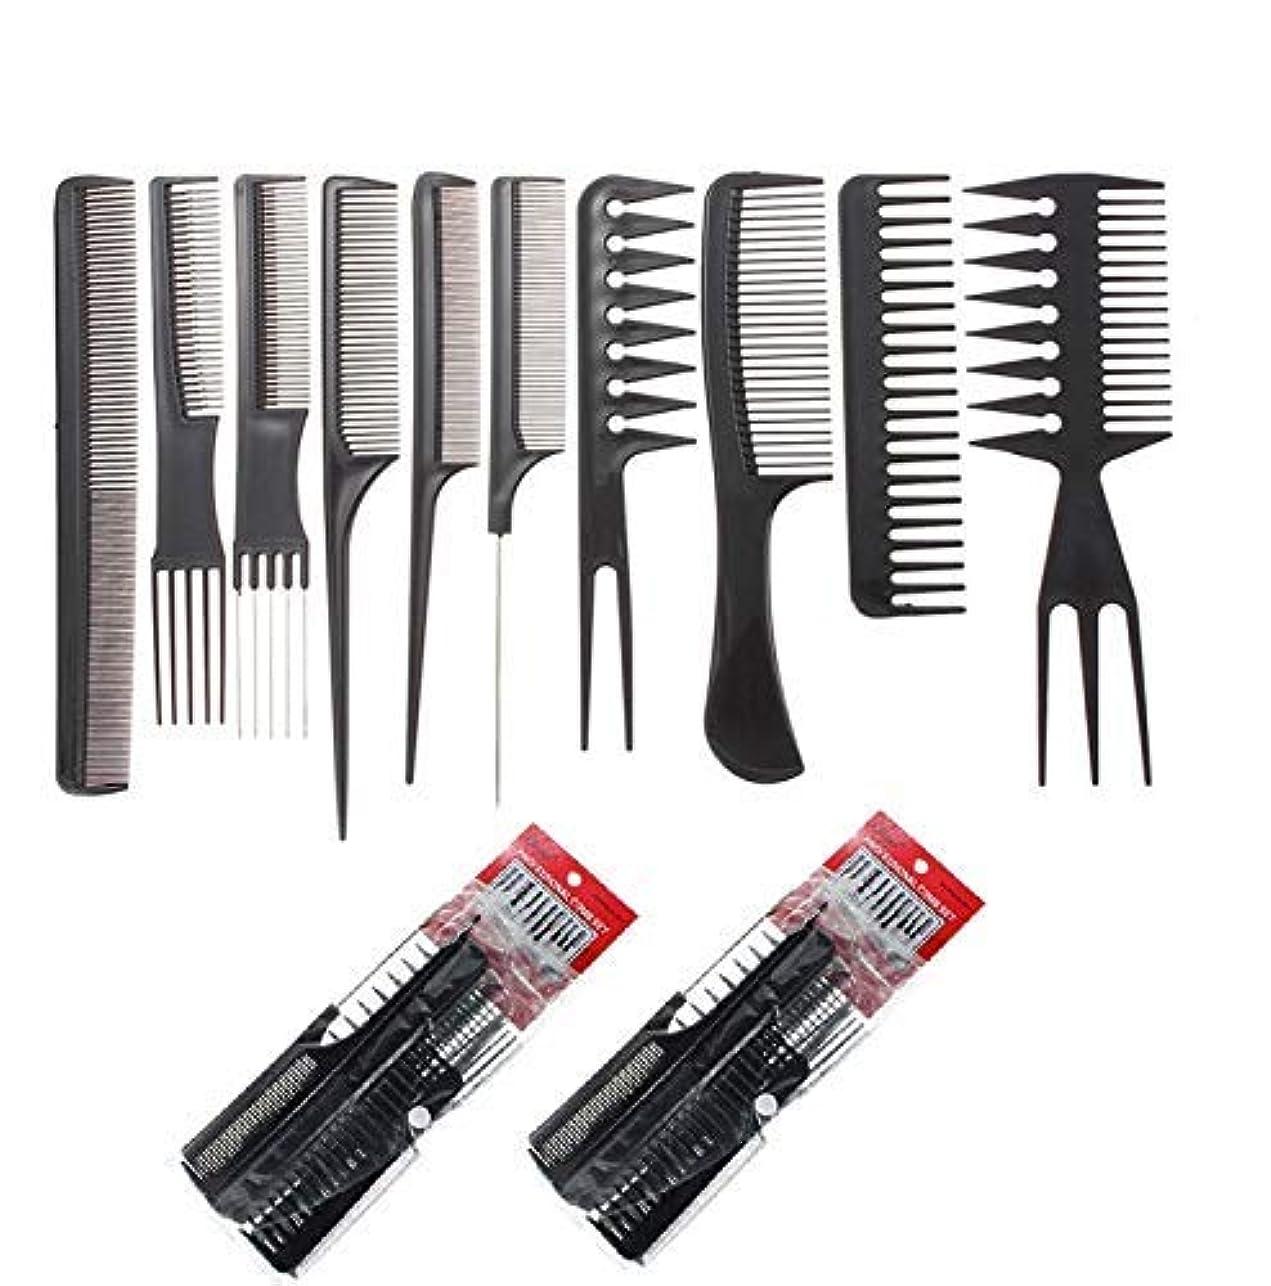 ポテトなに思い出SBYURE 20pcs Professional Styling Comb Set,10pcs/Set,2 Set Salon Hairdressing Combs Hair Care Styling Tools Hair...